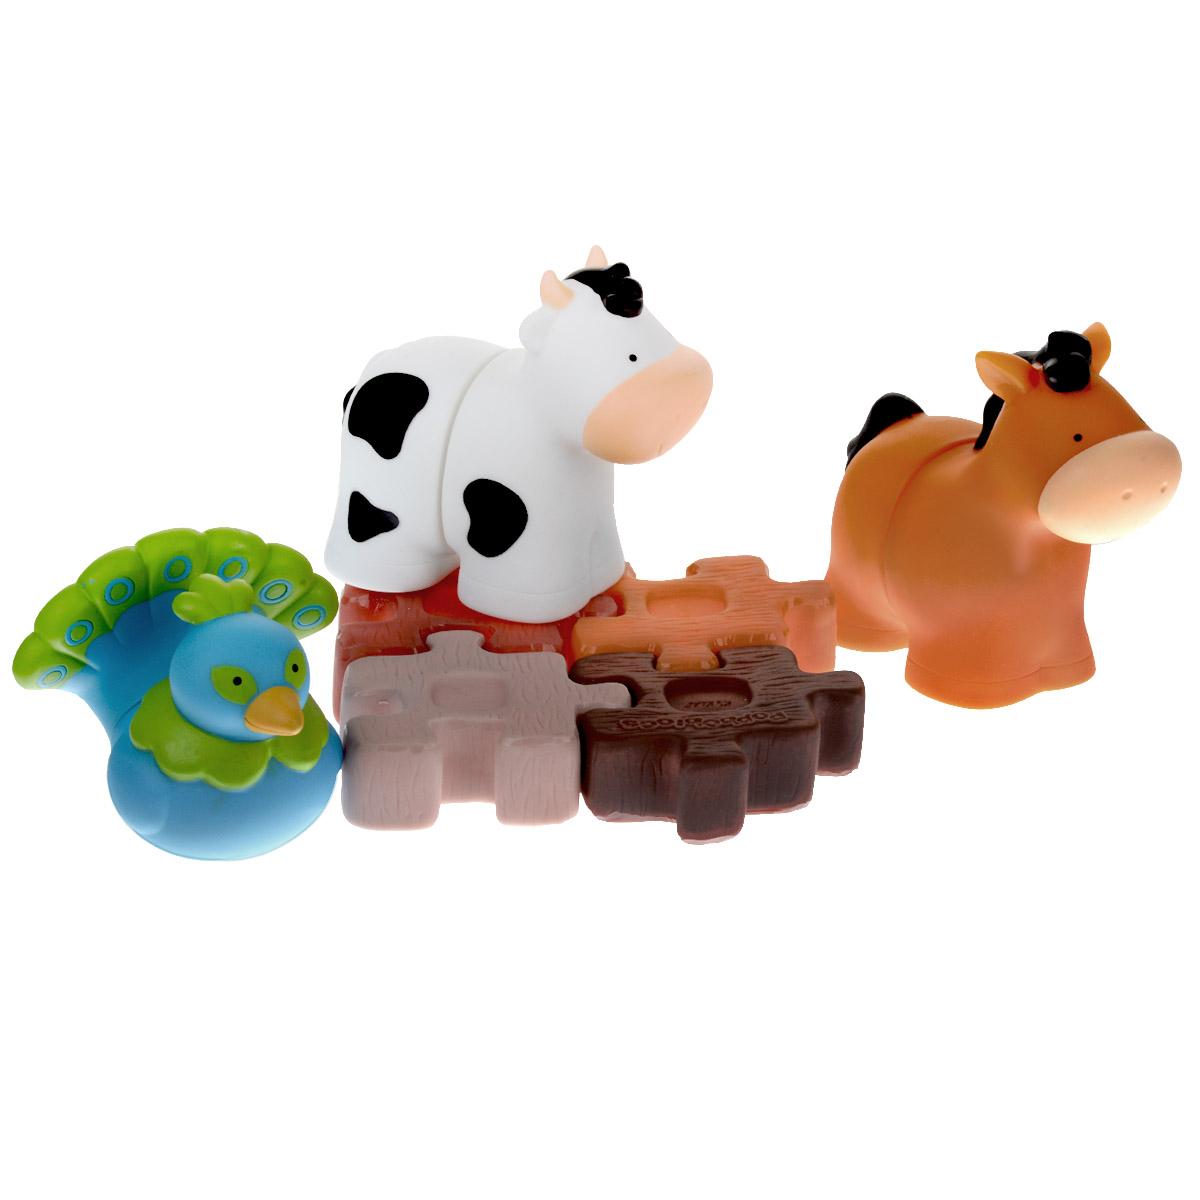 Мягкий конструктор Ks Kids Ферма-2KA650Мягкий конструктор Ks Kids Ферма-2 разработан специально для всестороннего развития с первого года жизни. Набор выполнен из мягкого винила и включает в себя 3 элемента конструктора и 3 фигурки с отверстиями в нижней части, выполненных в виде лошадки, коровки и павлина, а также красочную книжку с забавным комиксом, которую можно использовать в качестве фона для игровых сценок. Элементы различных конструкторов серии Popbo Blocs совместимы, что дает вашему малышу неограниченный простор для фантазии. Конструктор не портится от воды и подходит для игр в ванной. Мягкий конструктор надолго увлечет вашего малыша, он сможет часами играть с ним, комбинируя детали и придумывая различные истории. Благодаря играм с мягким конструктором ребенок сможет развить цветовое восприятие, тактильные ощущения, мелкую моторику рук, воображение и логическое мышление.